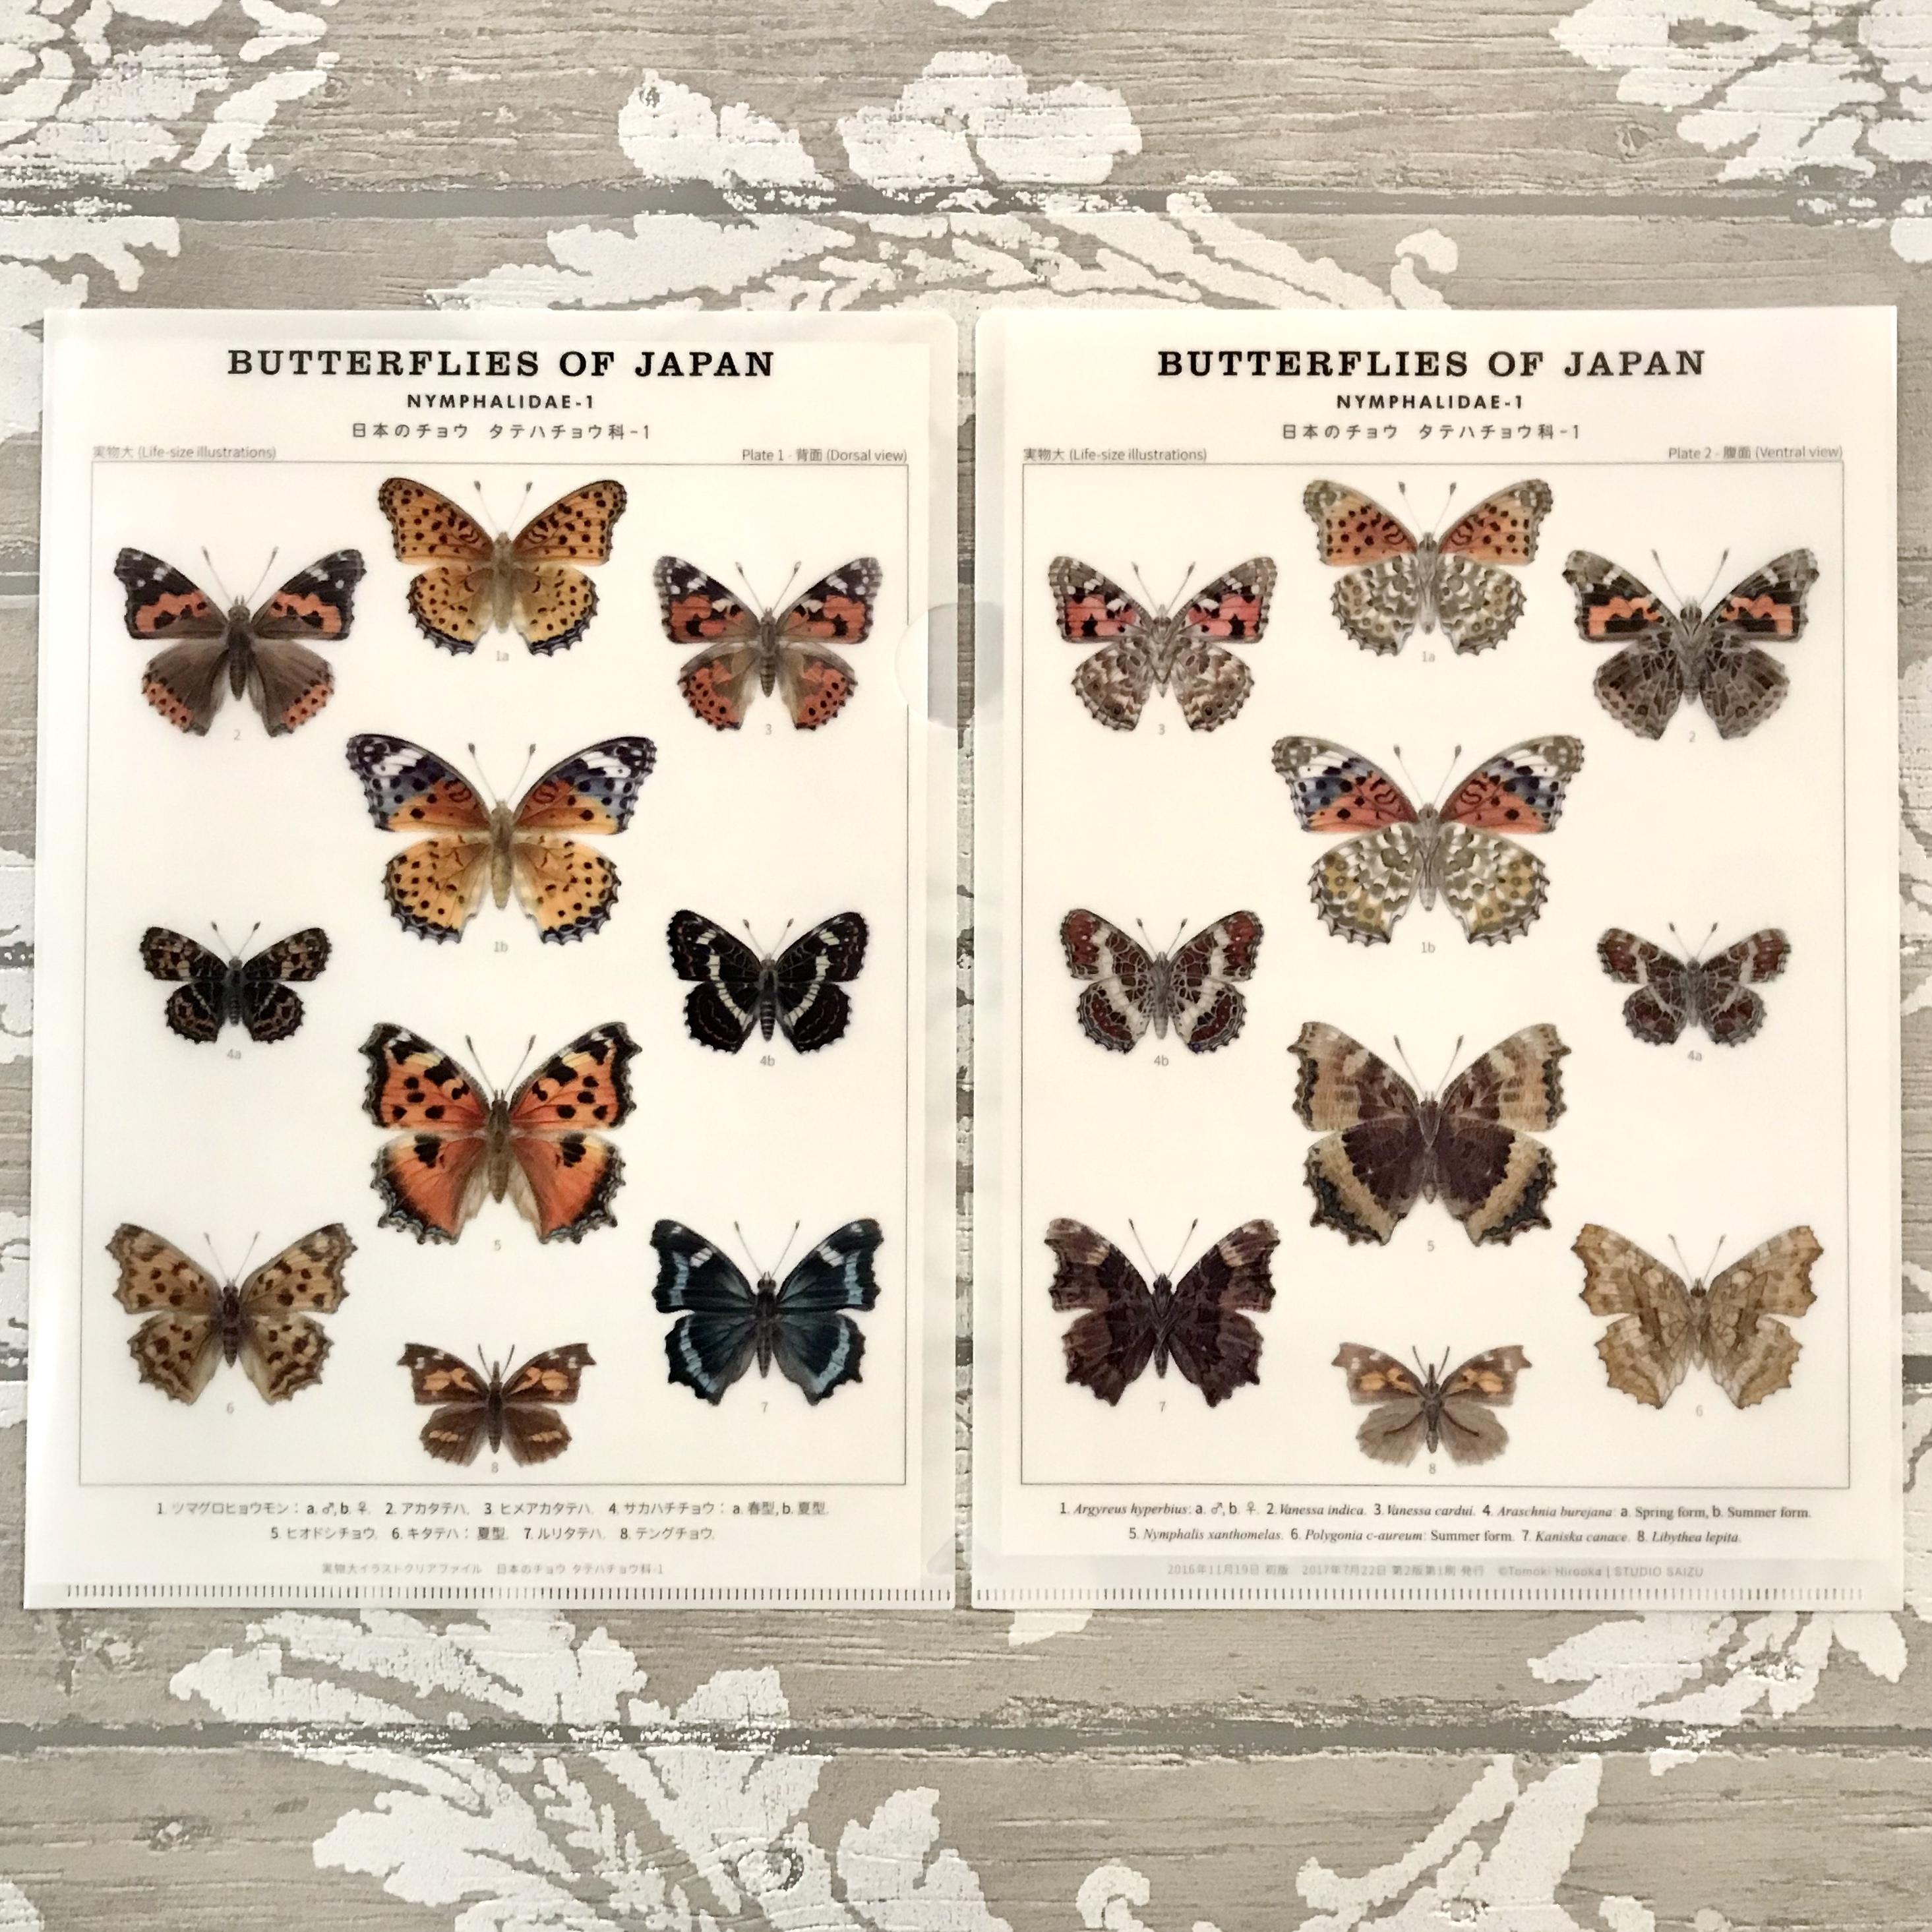 日本のチョウ タテハチョウ科 クリアファイル | アトリエリジッタ